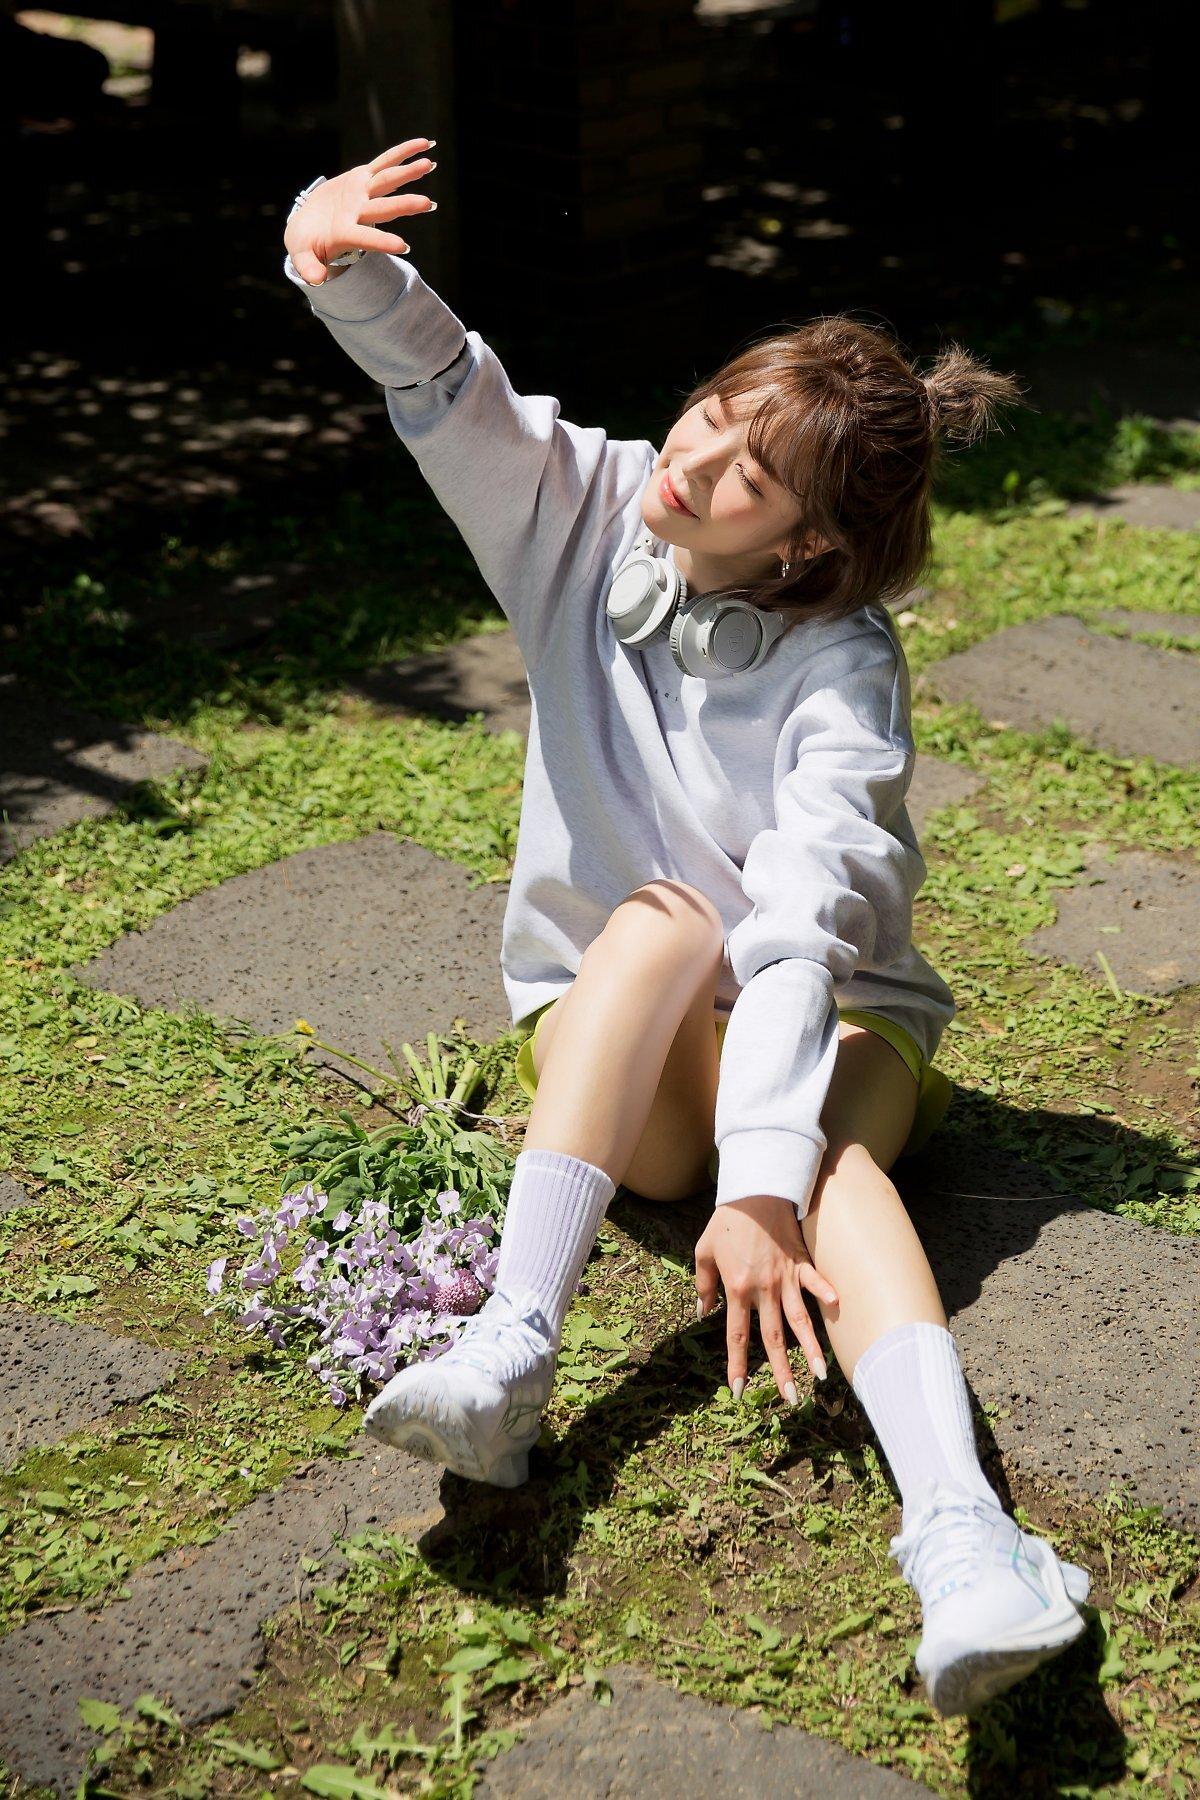 초아 필라테스s 잡지 화보 촬영 비하인드 - issuetalk.net